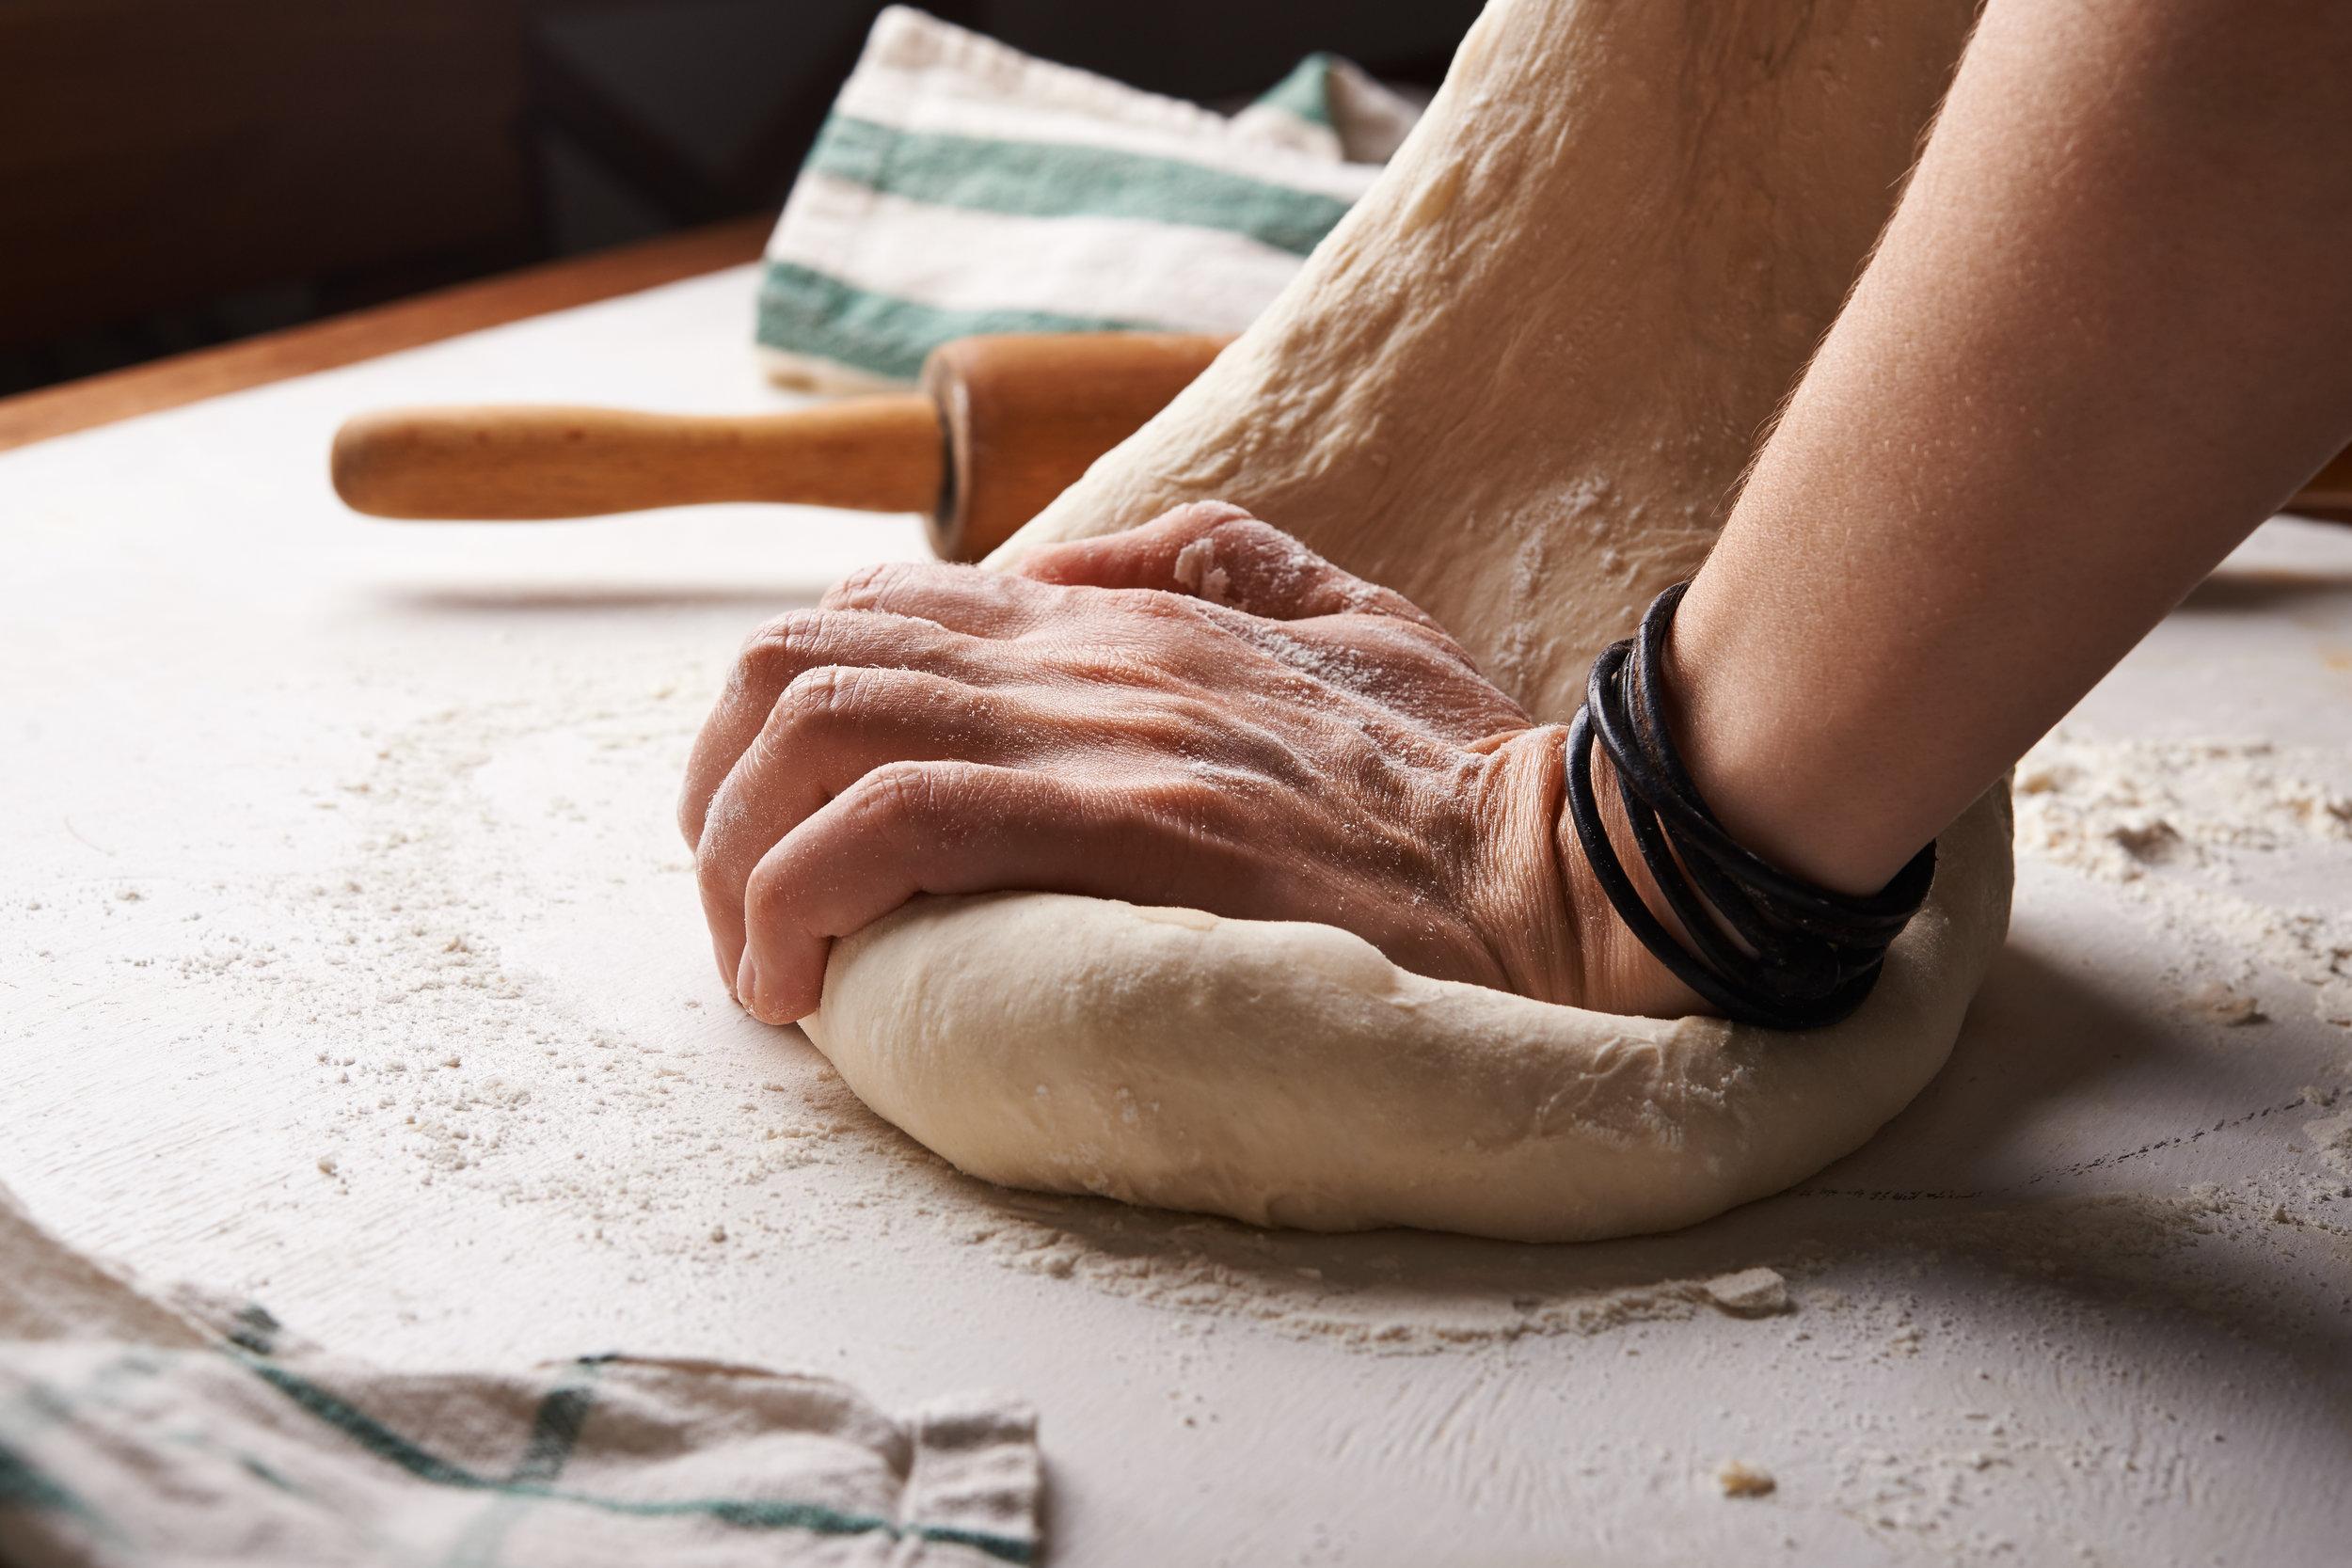 Ik ben Edwin, bakken is mijn passie. - Jacques Mahou, Meilleur Ouvrier de France Boulangerie (de hoogste Franse onderscheiding in de bakkerswereld) heeft mij onderwezen in het bakkersvak op de traditionele wijze.